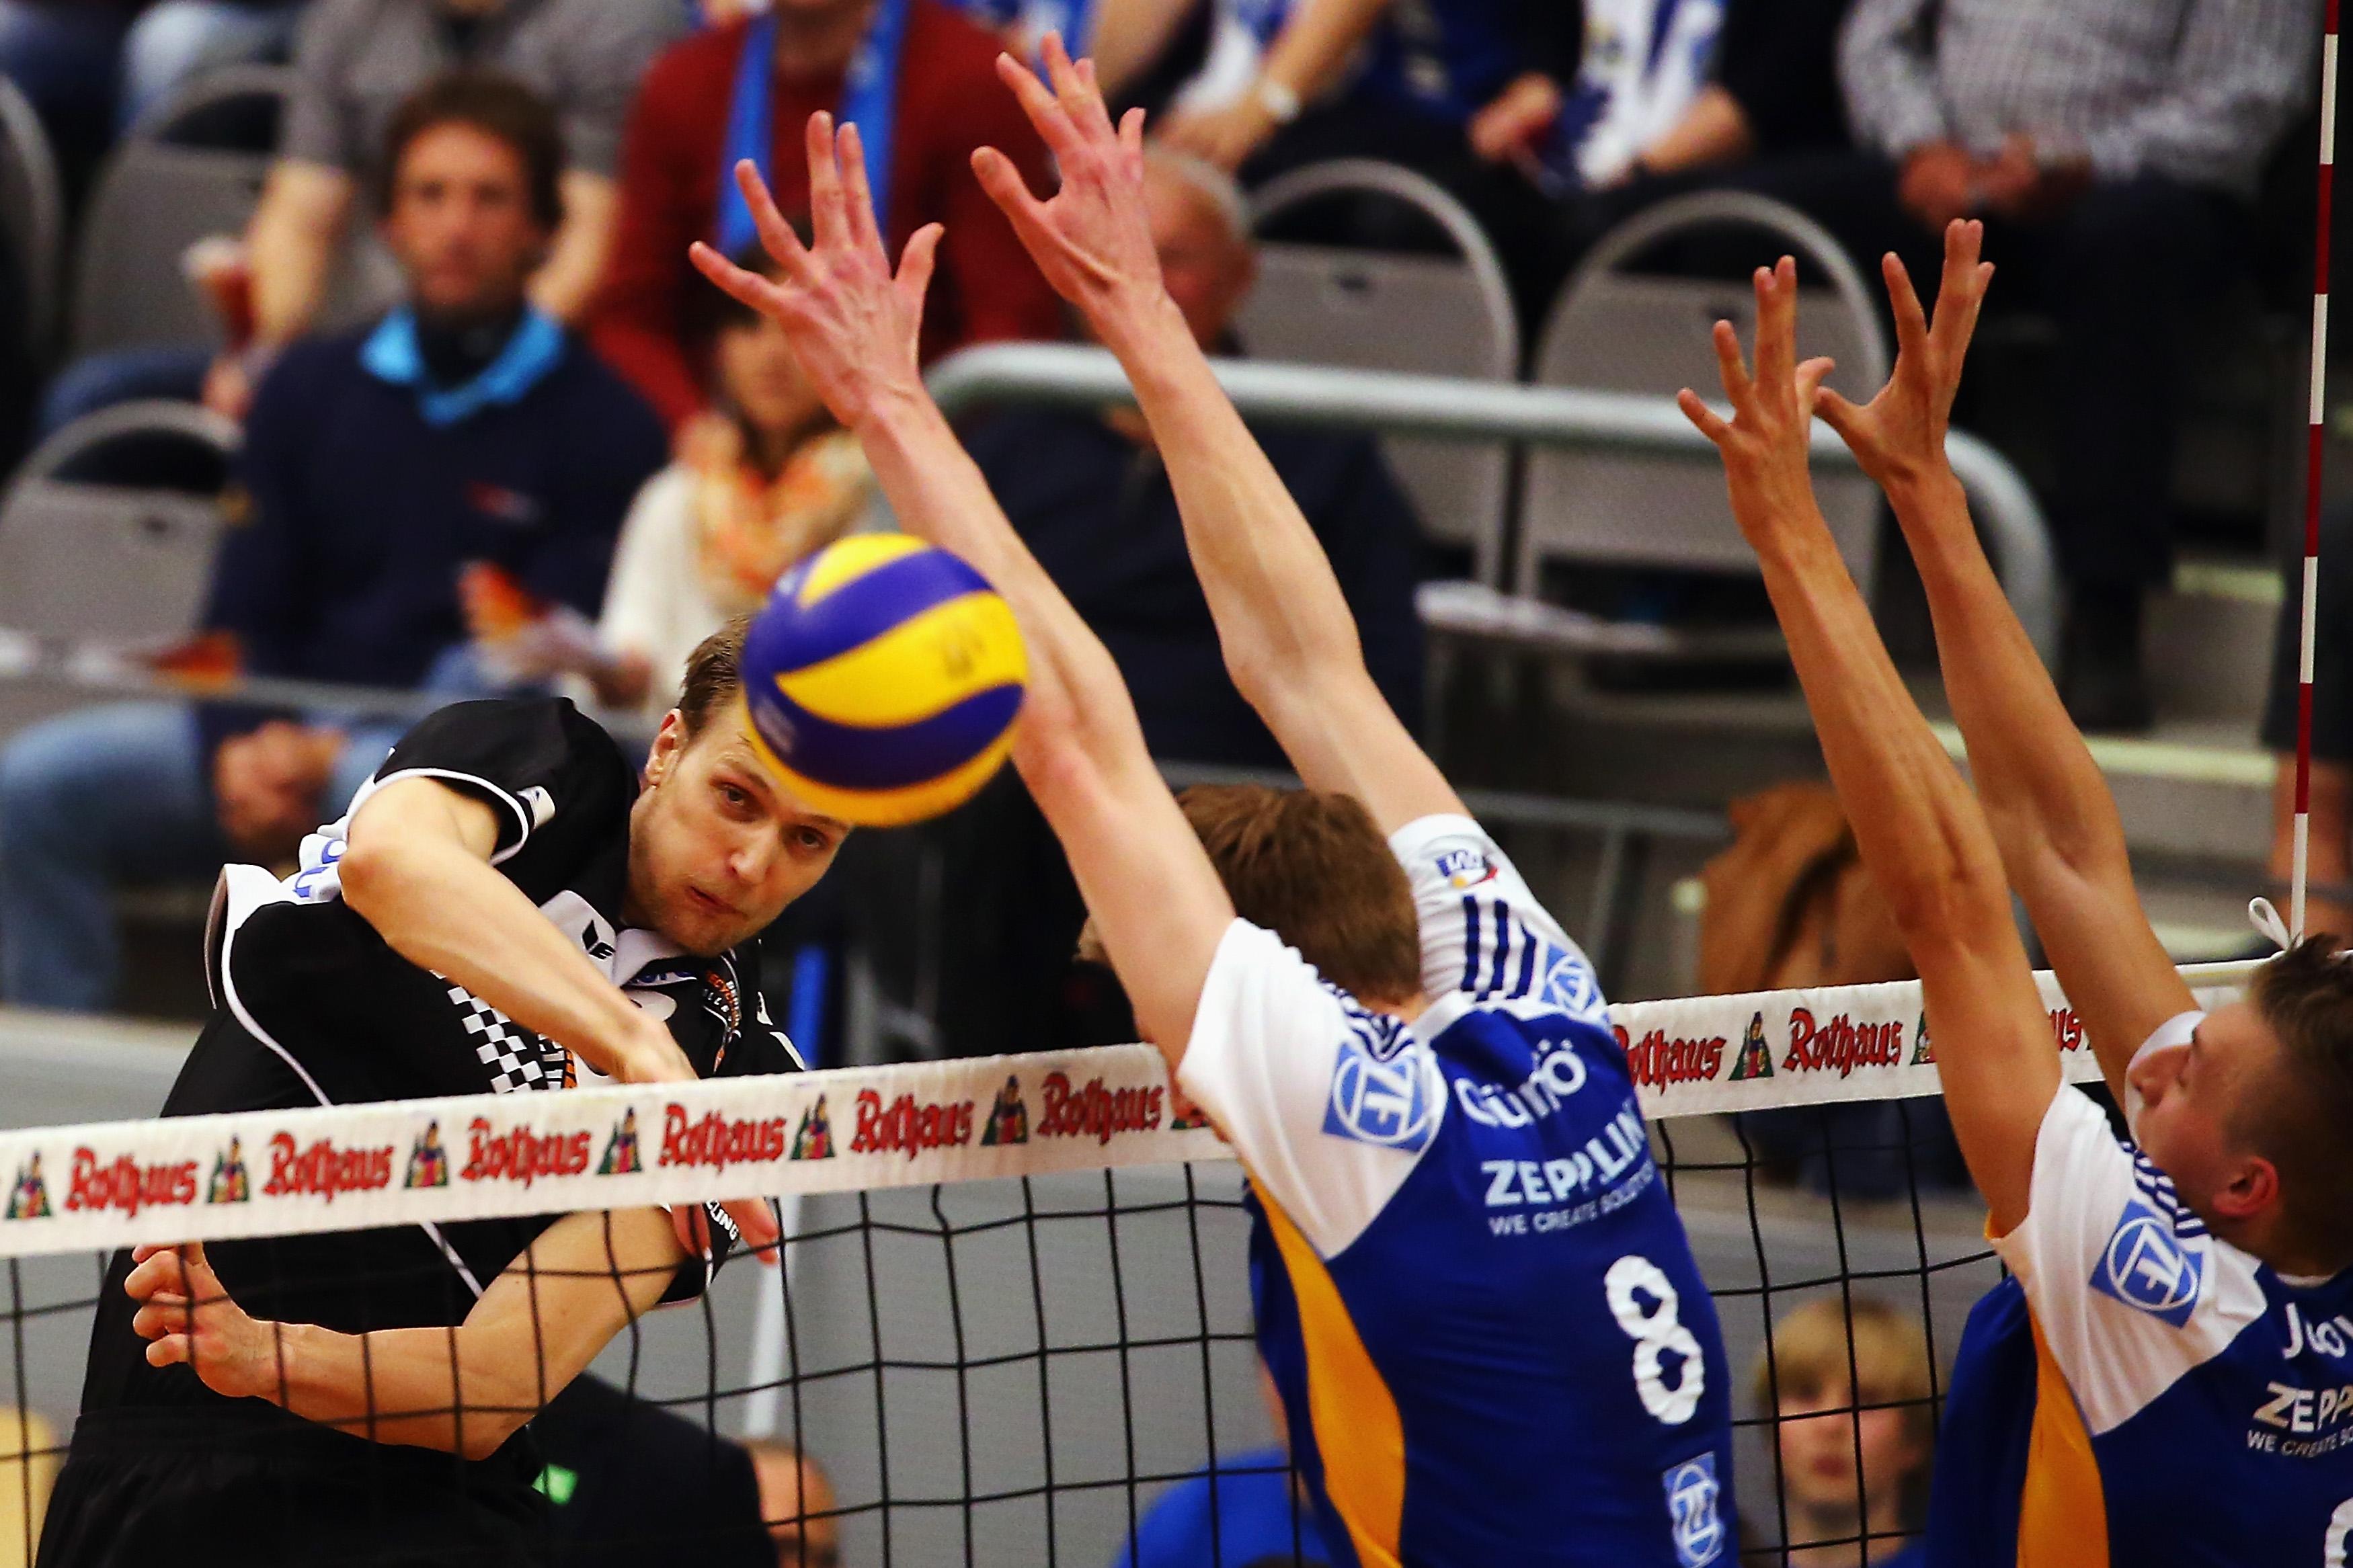 Live-Stream Volleyball Bundesliga 1. Spieltag: Heute Eröffnungsfeier, VSG Coburg/Grub vs. VfB Friedrichshafen, Live-Übertragung auf Sportdeutschland.tv